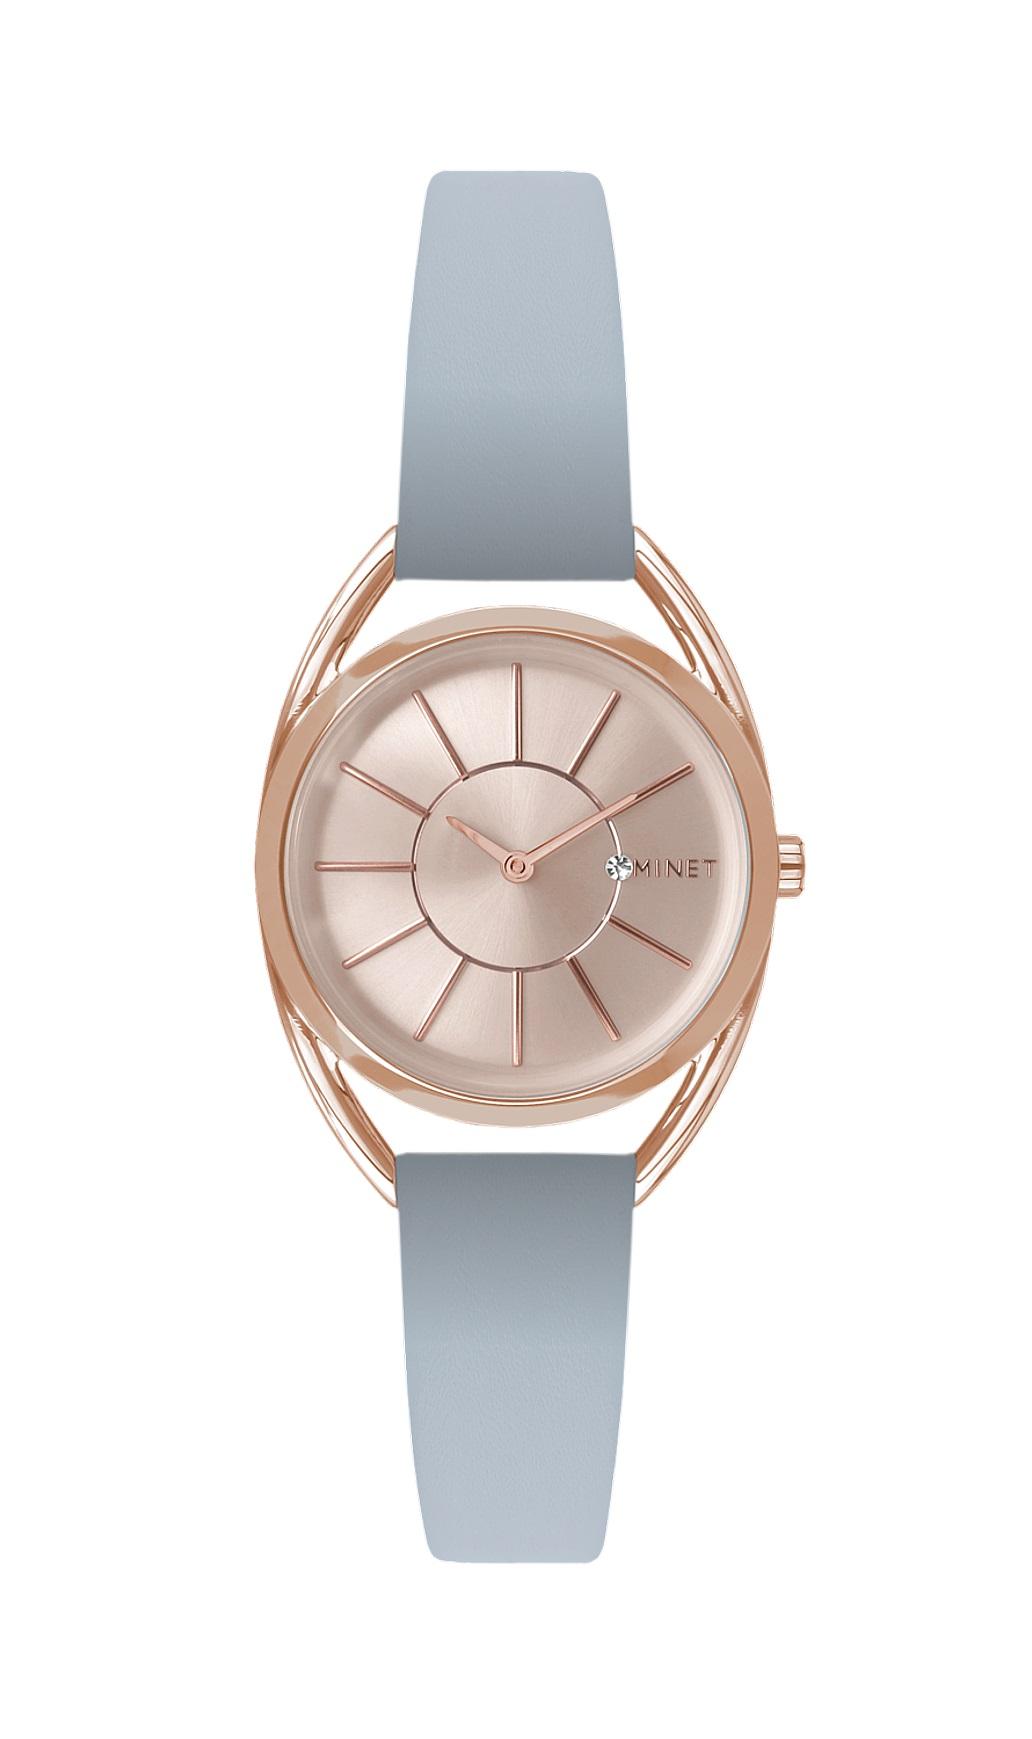 Šedo-růžové dámské hodinky MINET ICON SATIN GREY MWL5021 (POŠTOVNÉ ZDARMA!! )